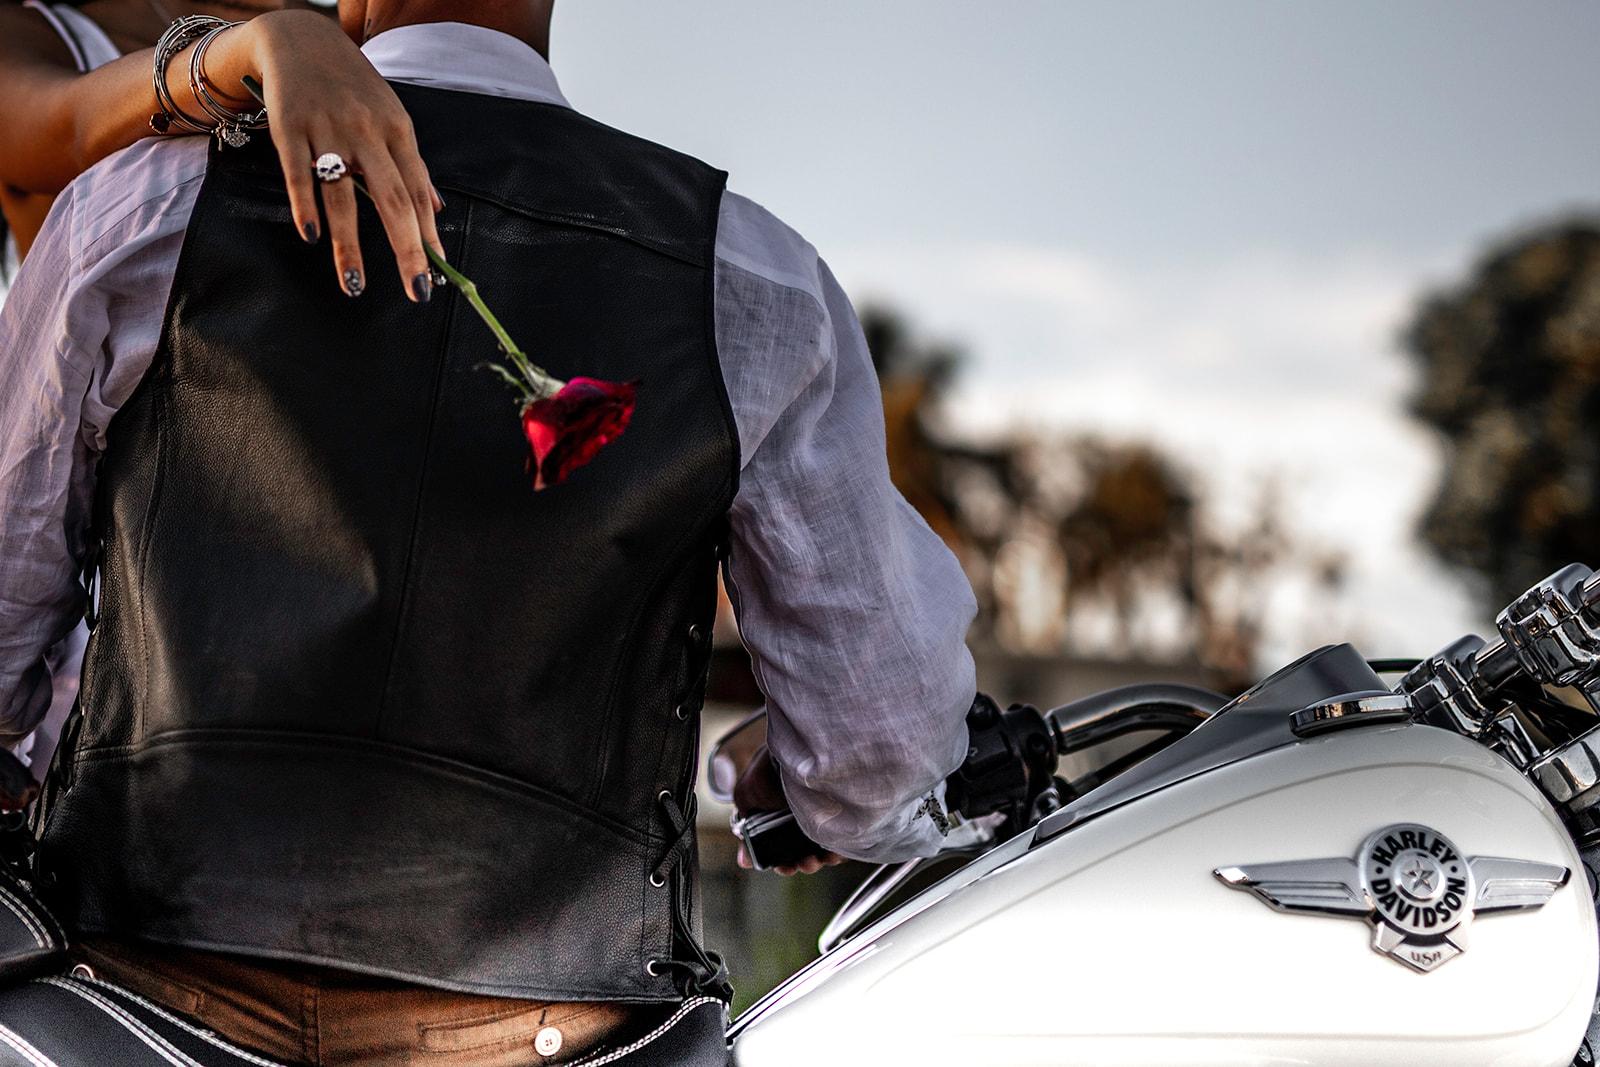 La moto - Eh oui, en tant que jeunes mariés rock'n'roll, vous devez trouver un moyen de vous déplacer dans le thème ! On dit oui à la moto !